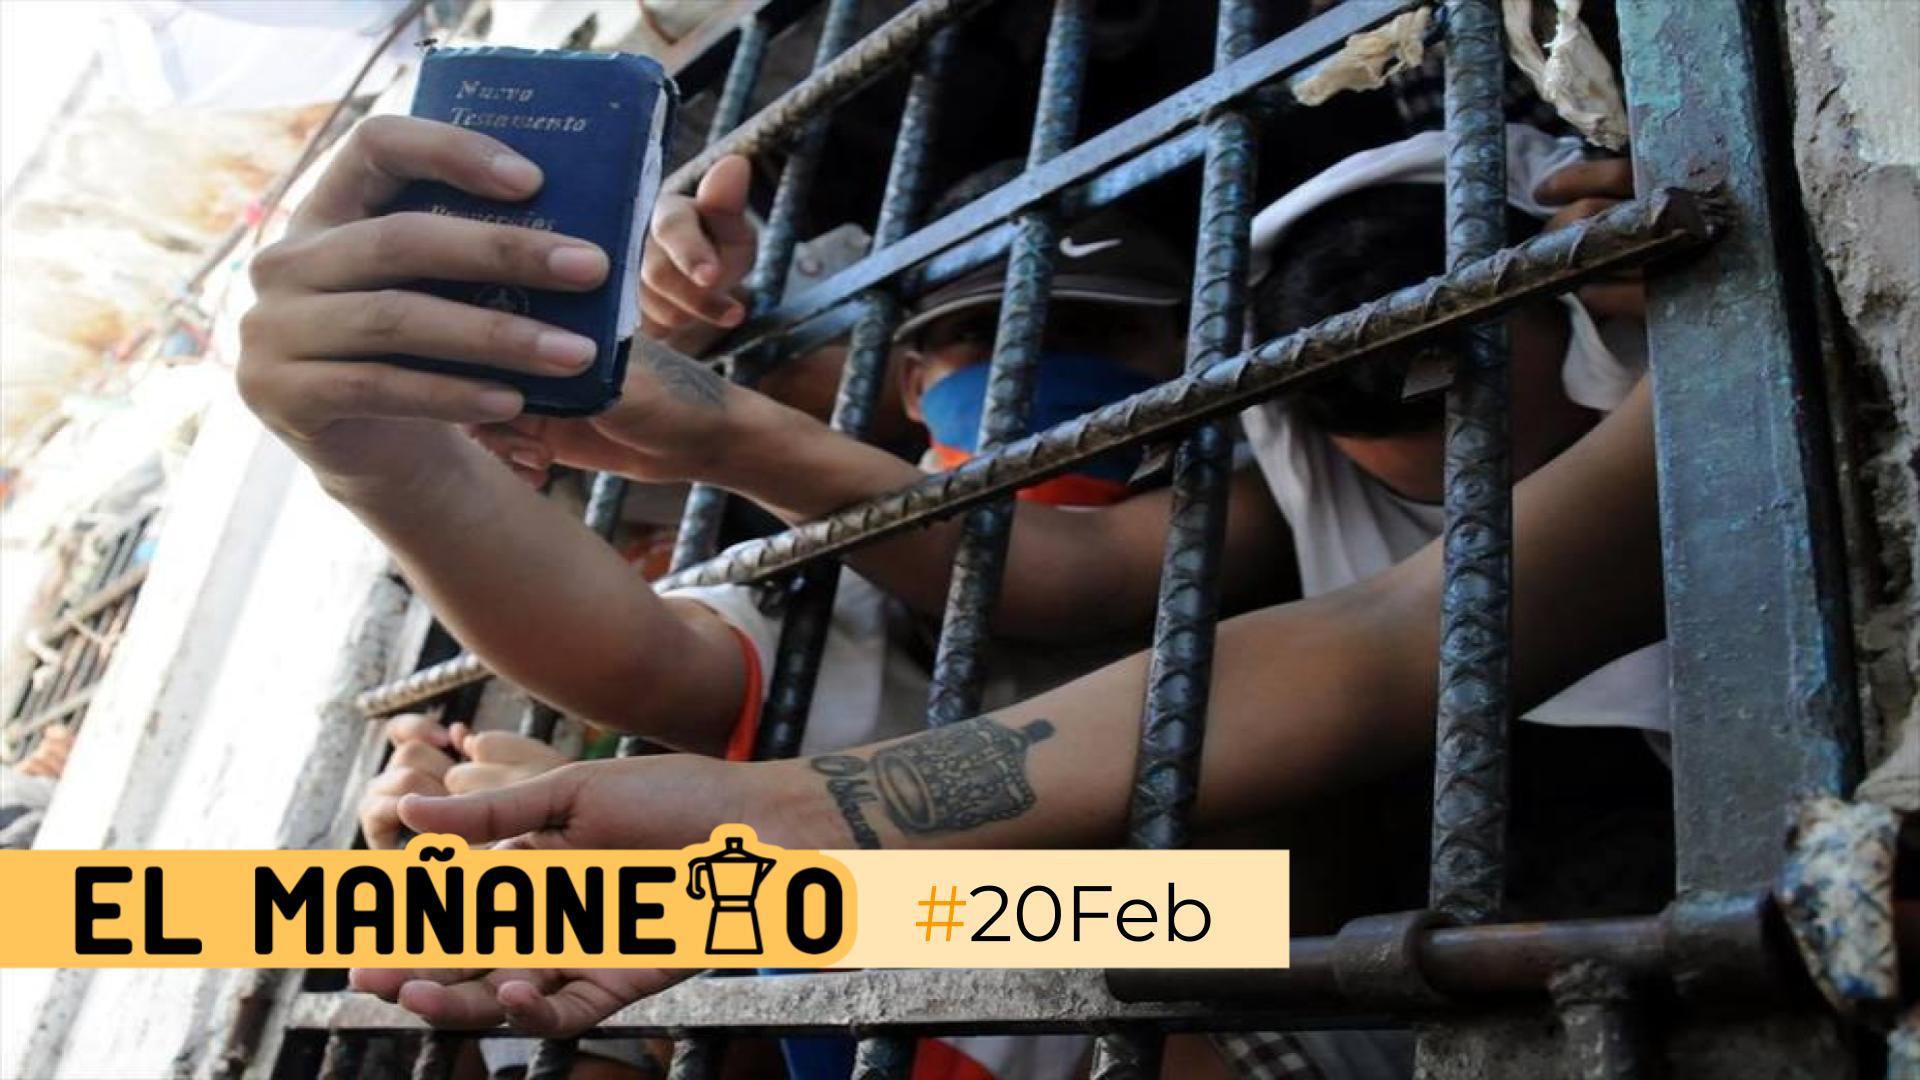 El Mañanero de hoy #20Feb: Las 8 noticias que debes saber